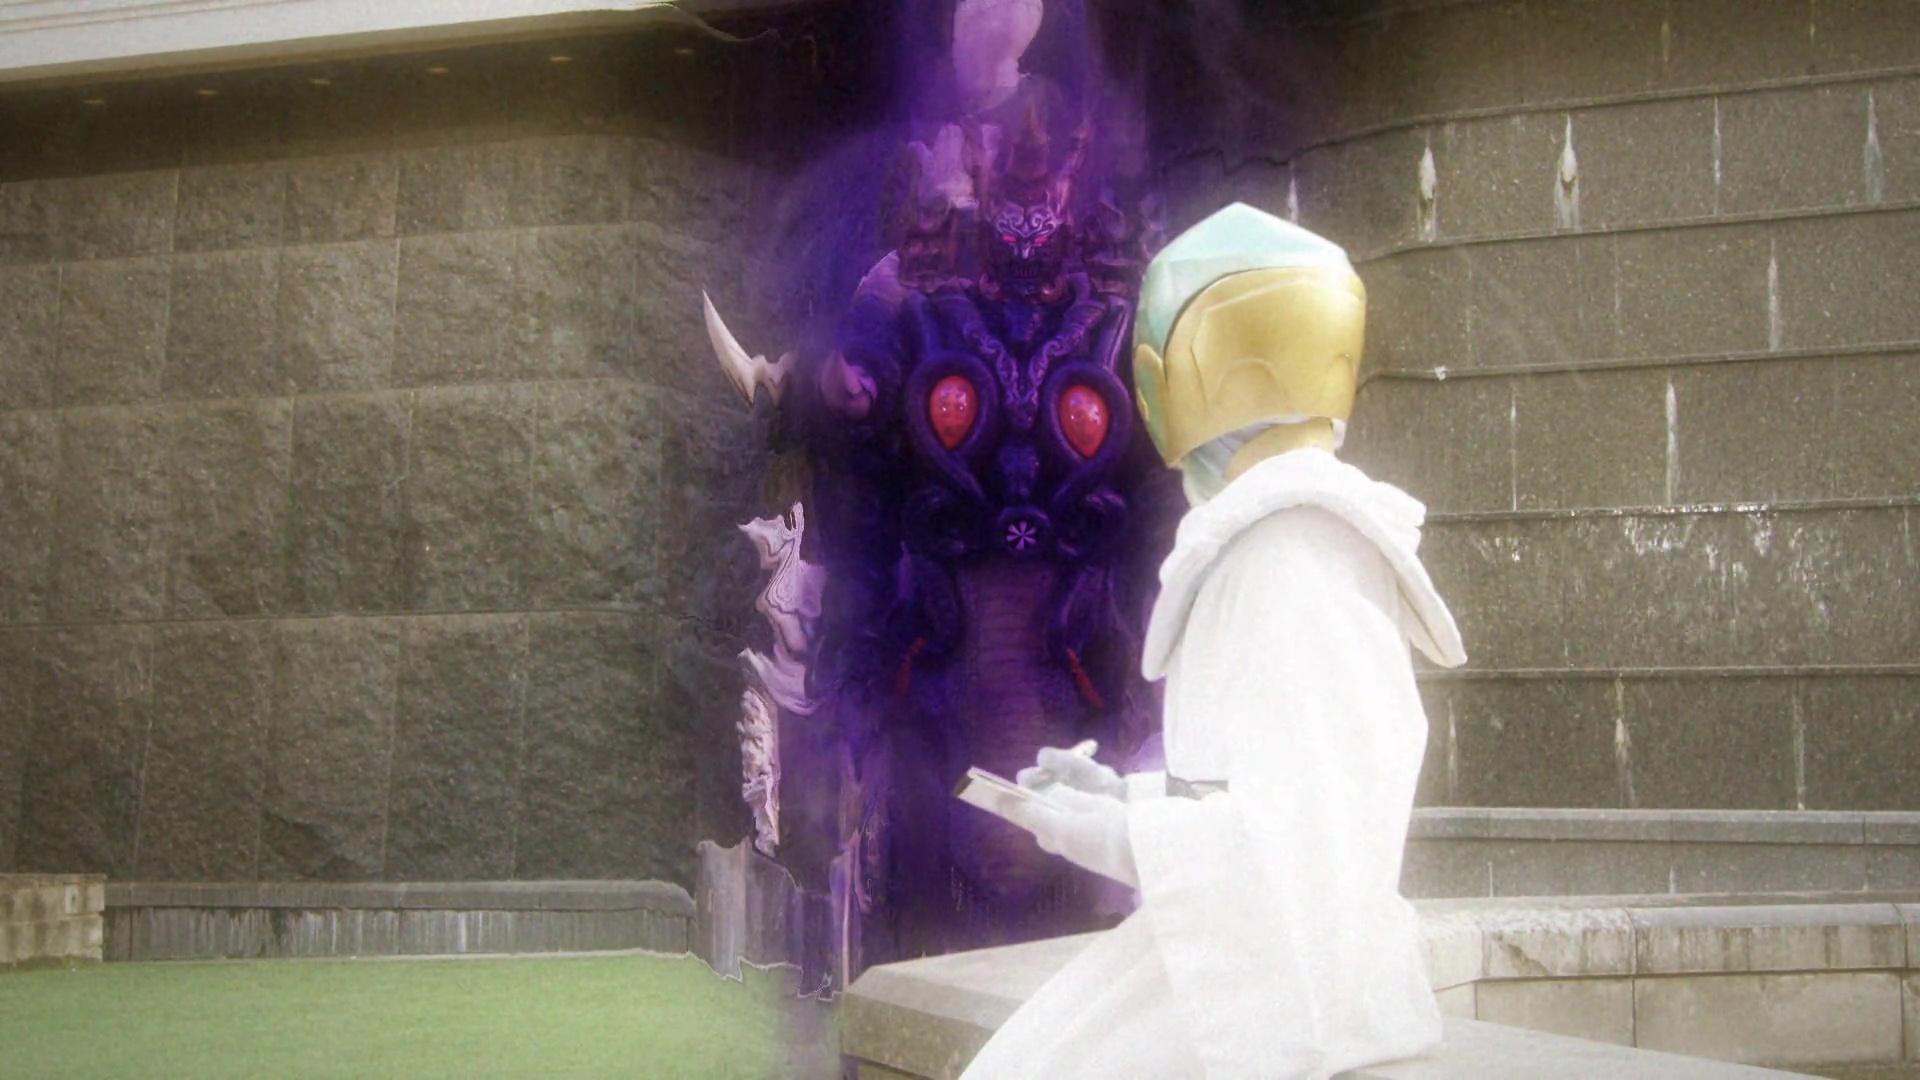 Mashin Sentai Kiramager Episode 43 Recap